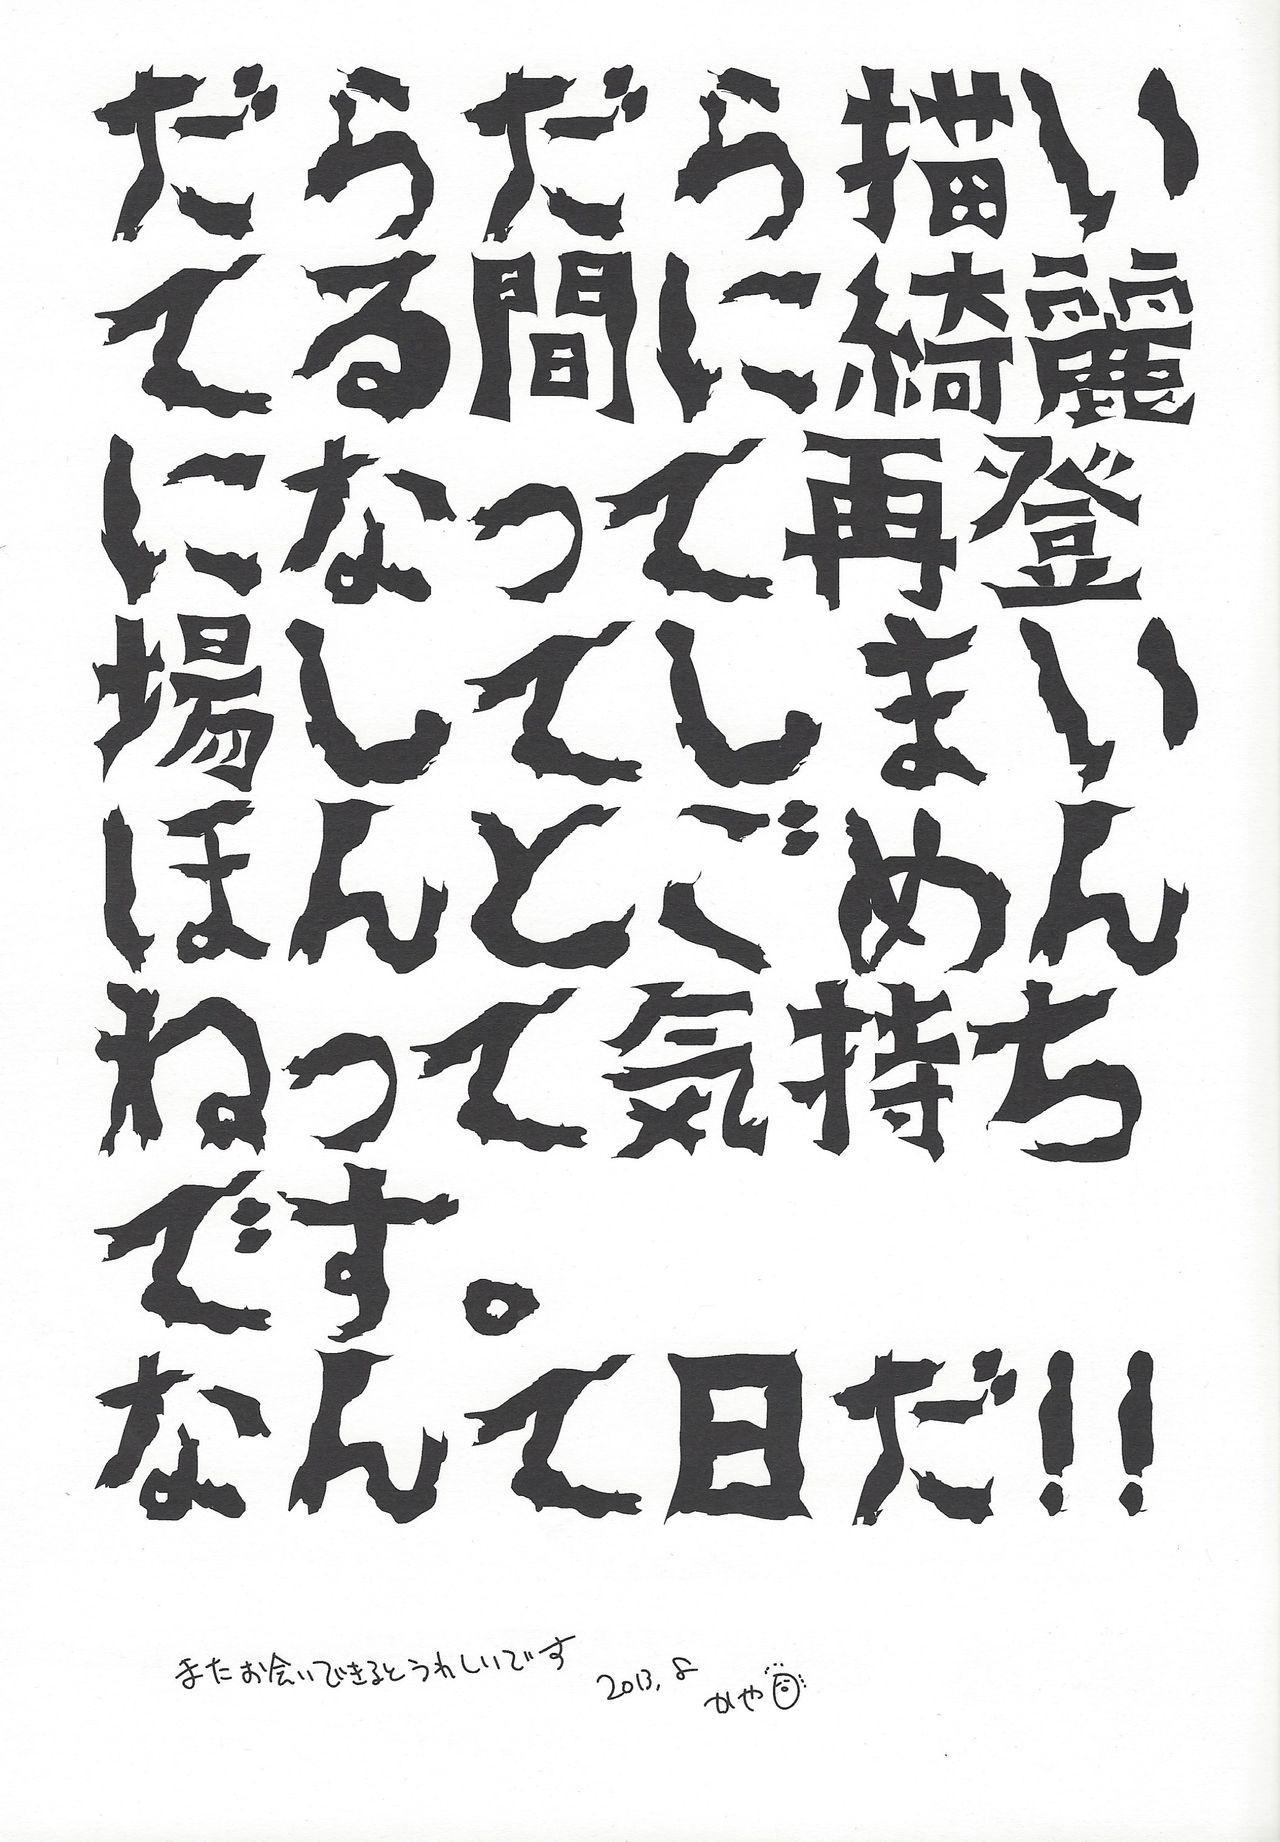 Ano musume ga iu itoshi teru wa īe honto wa hedogaderu wa 18